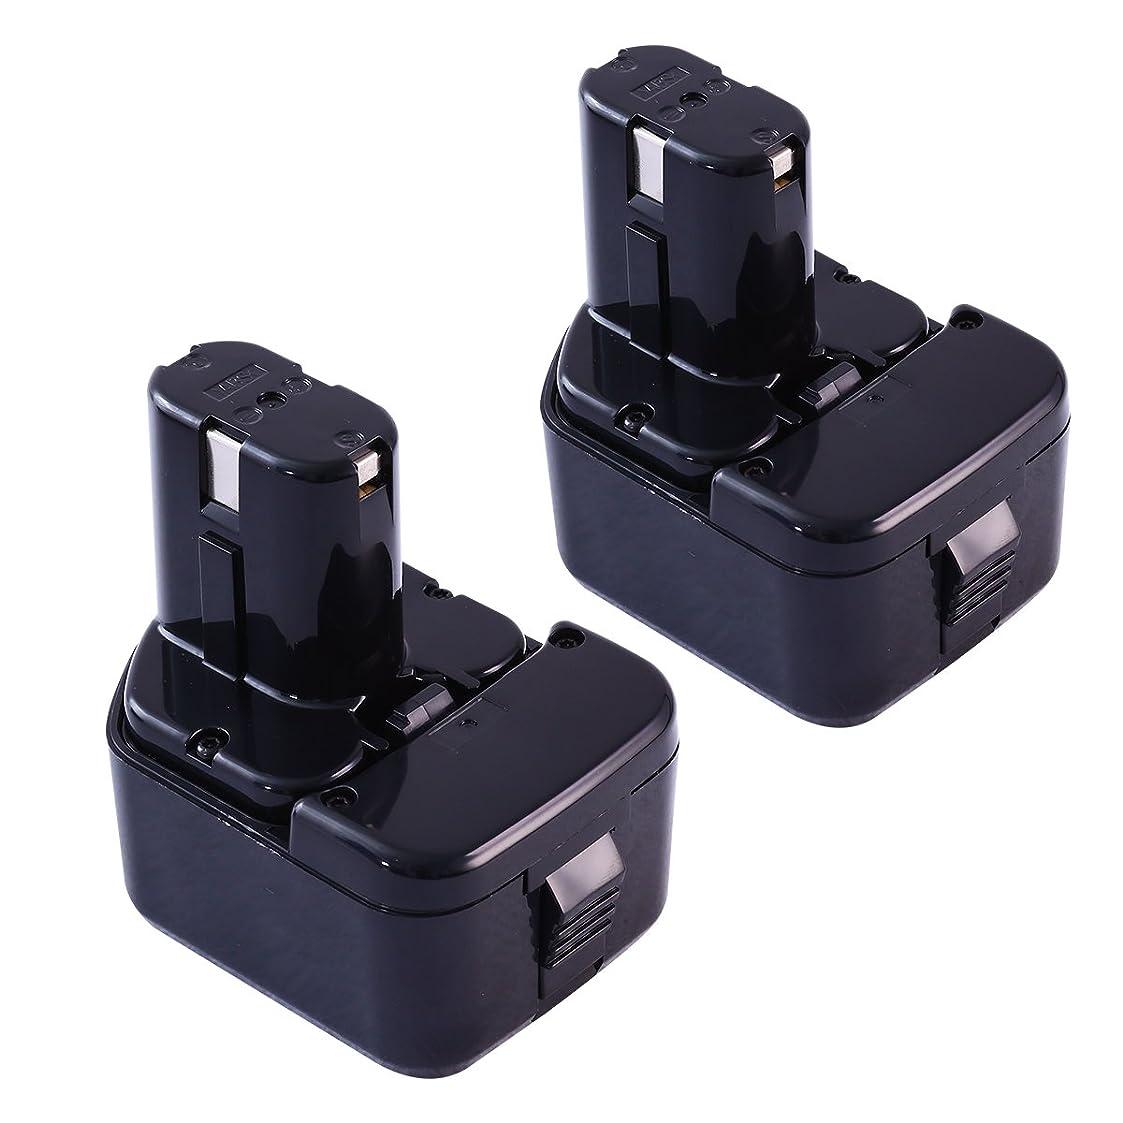 競合他社選手タイプライターナビゲーション日立バッテリー 12V 互換バッテリー 日立工機バッテリー3.0Ah EB1214S EB1214L EB1220BL EB1212Sバッテリー NI-MHニッケル水素2個セット